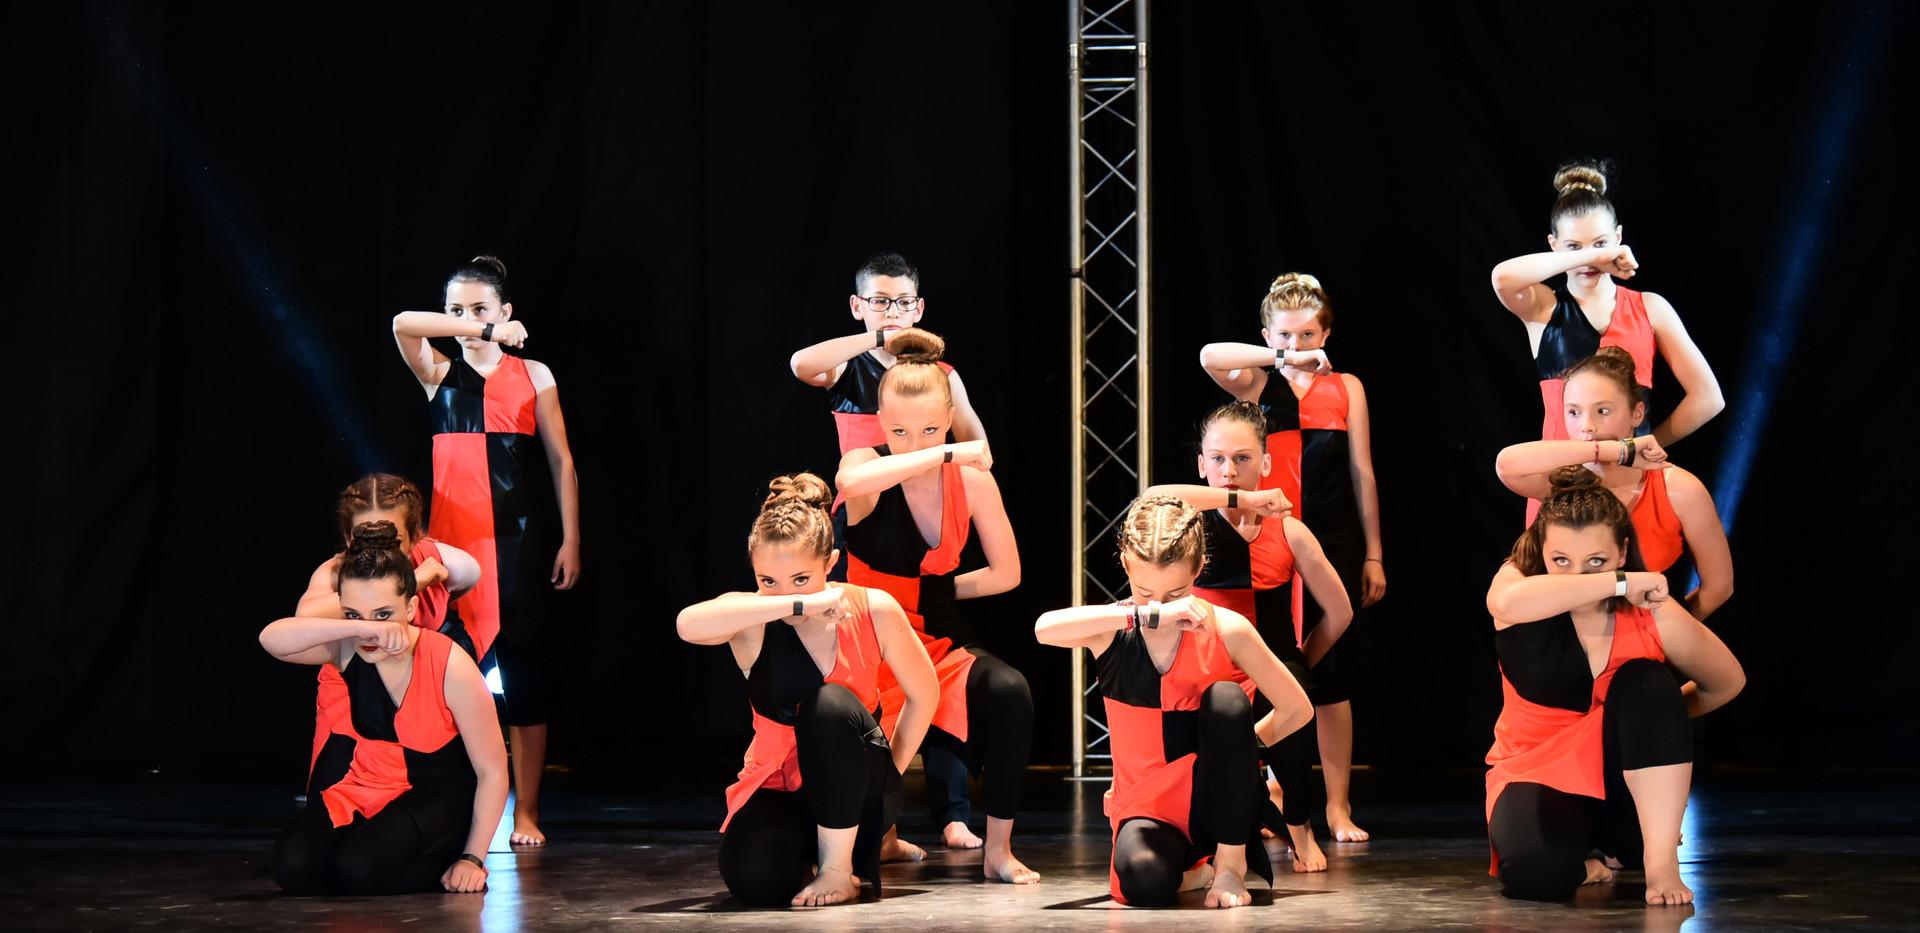 DANCE SHOW 19 - Little'Pop (56)_GF.jpg